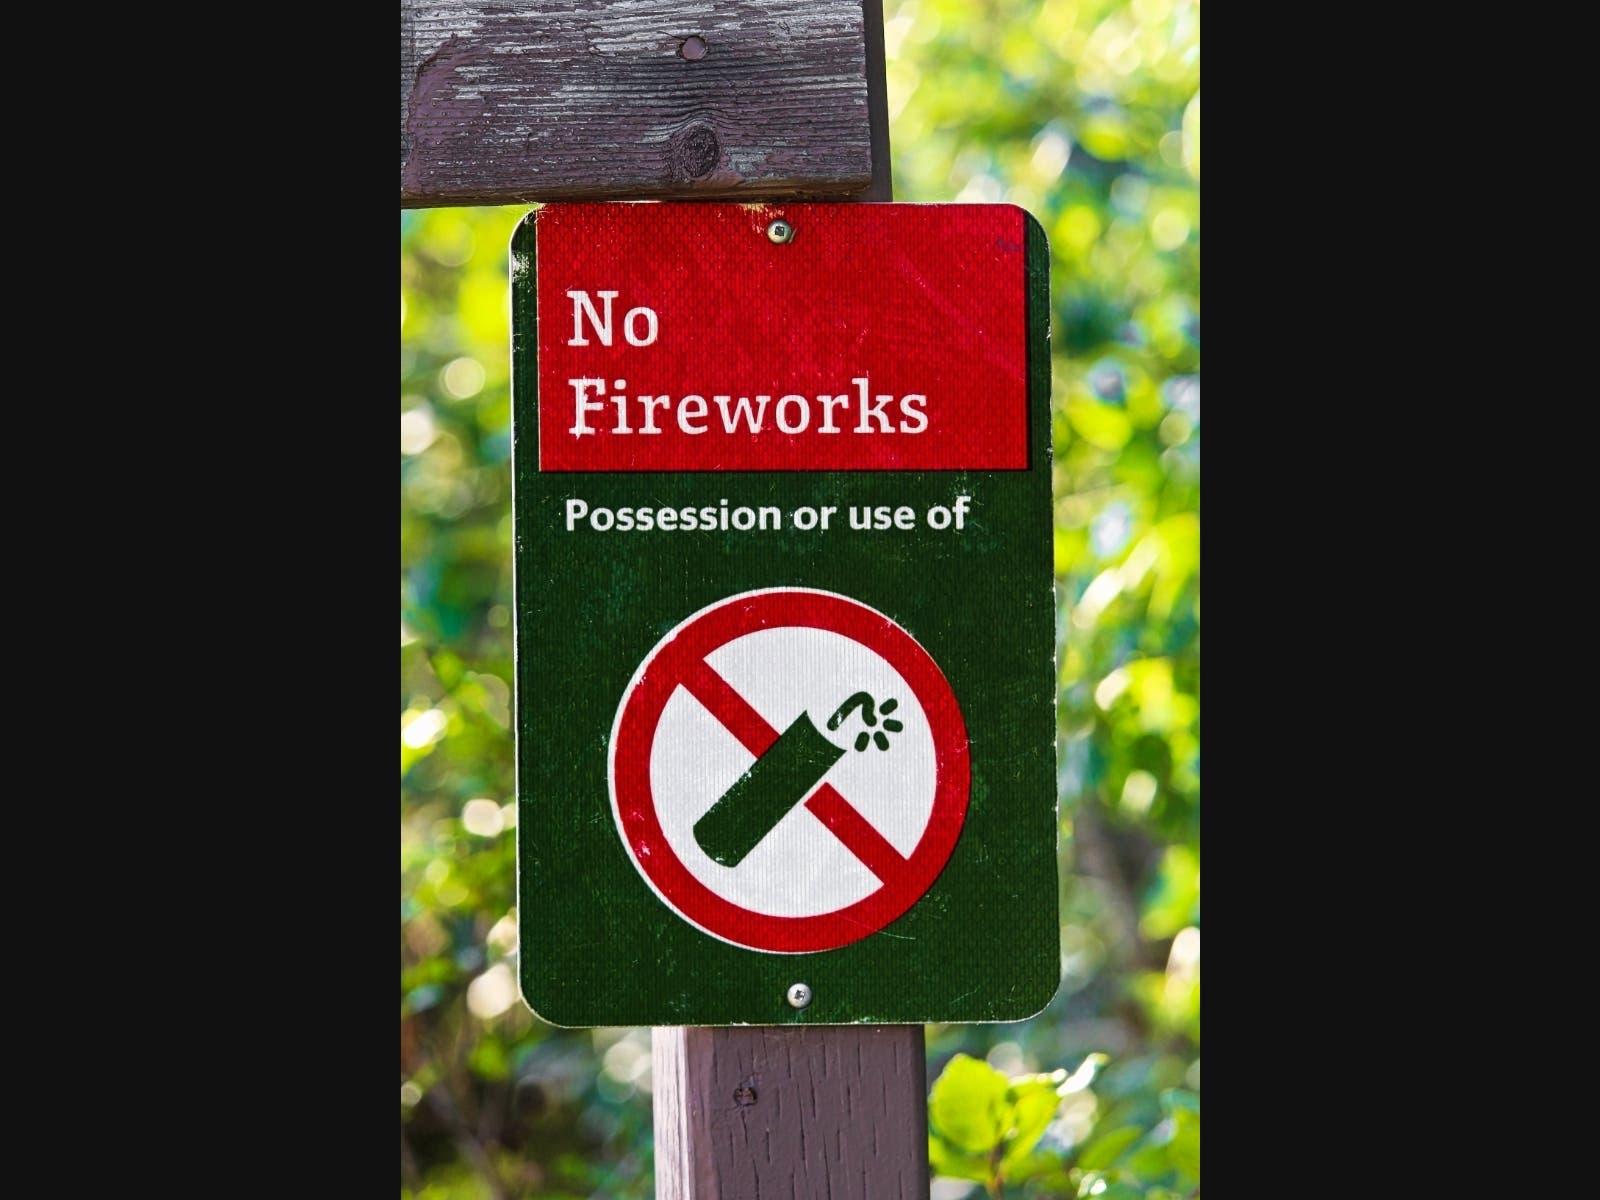 Rohnert Park Urgency Ordinance Bans Fireworks In Parking Lots